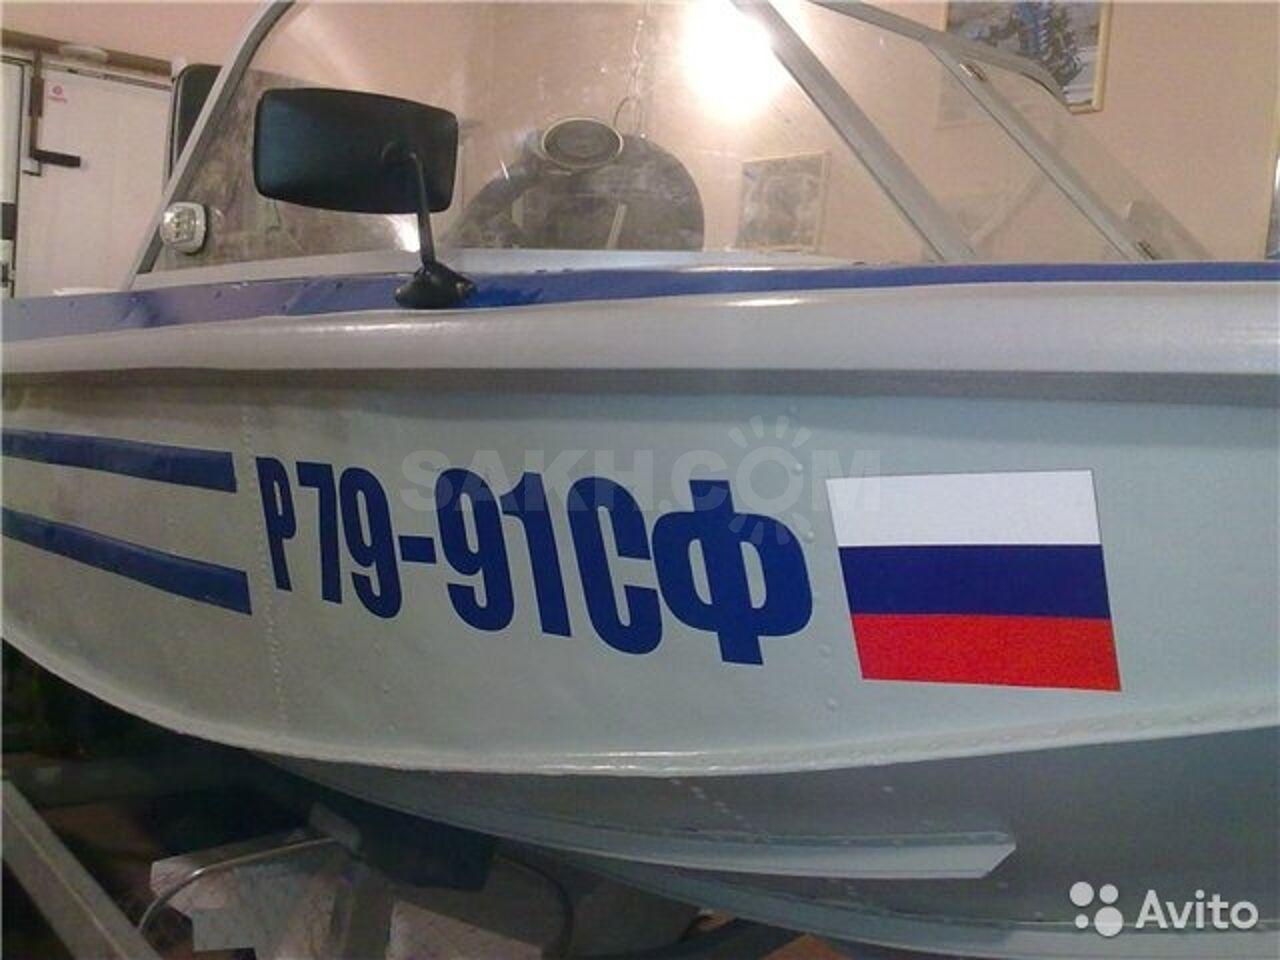 бортовые номера на лодке в картинках имел связи самим